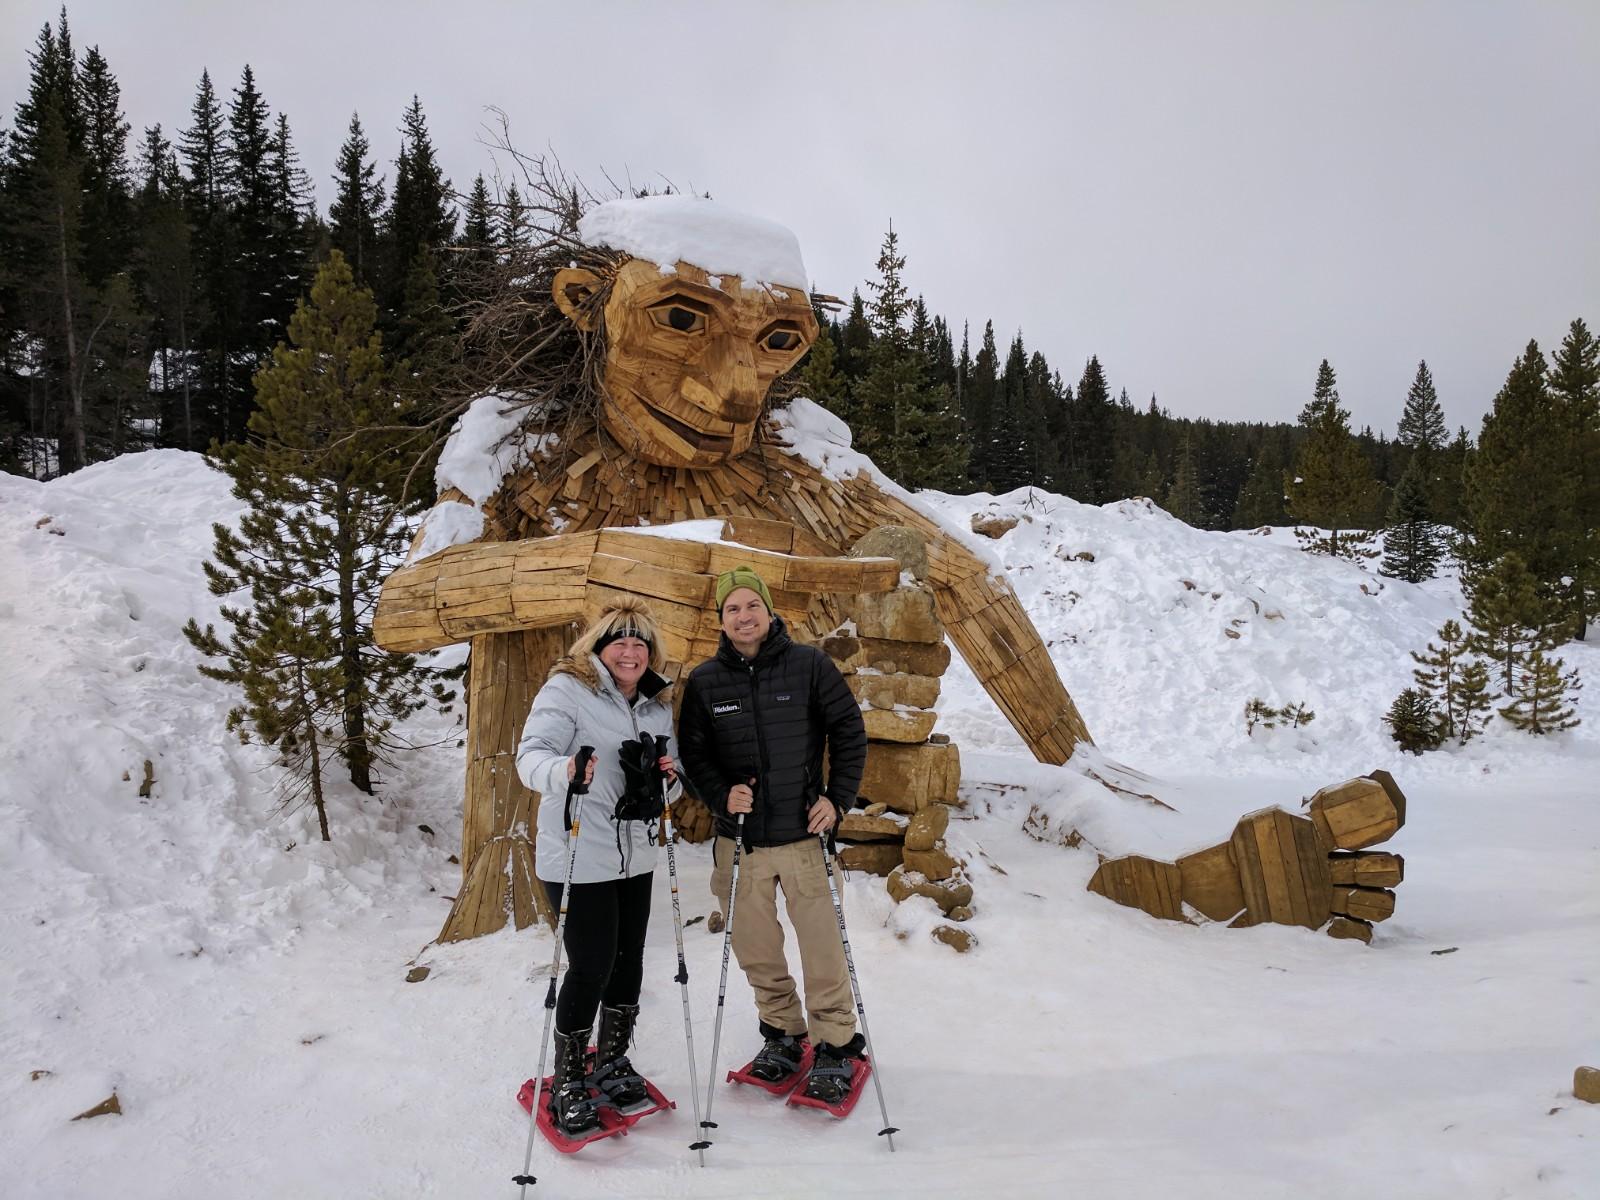 Snowshoe trek to troll in Breckenridge, Co